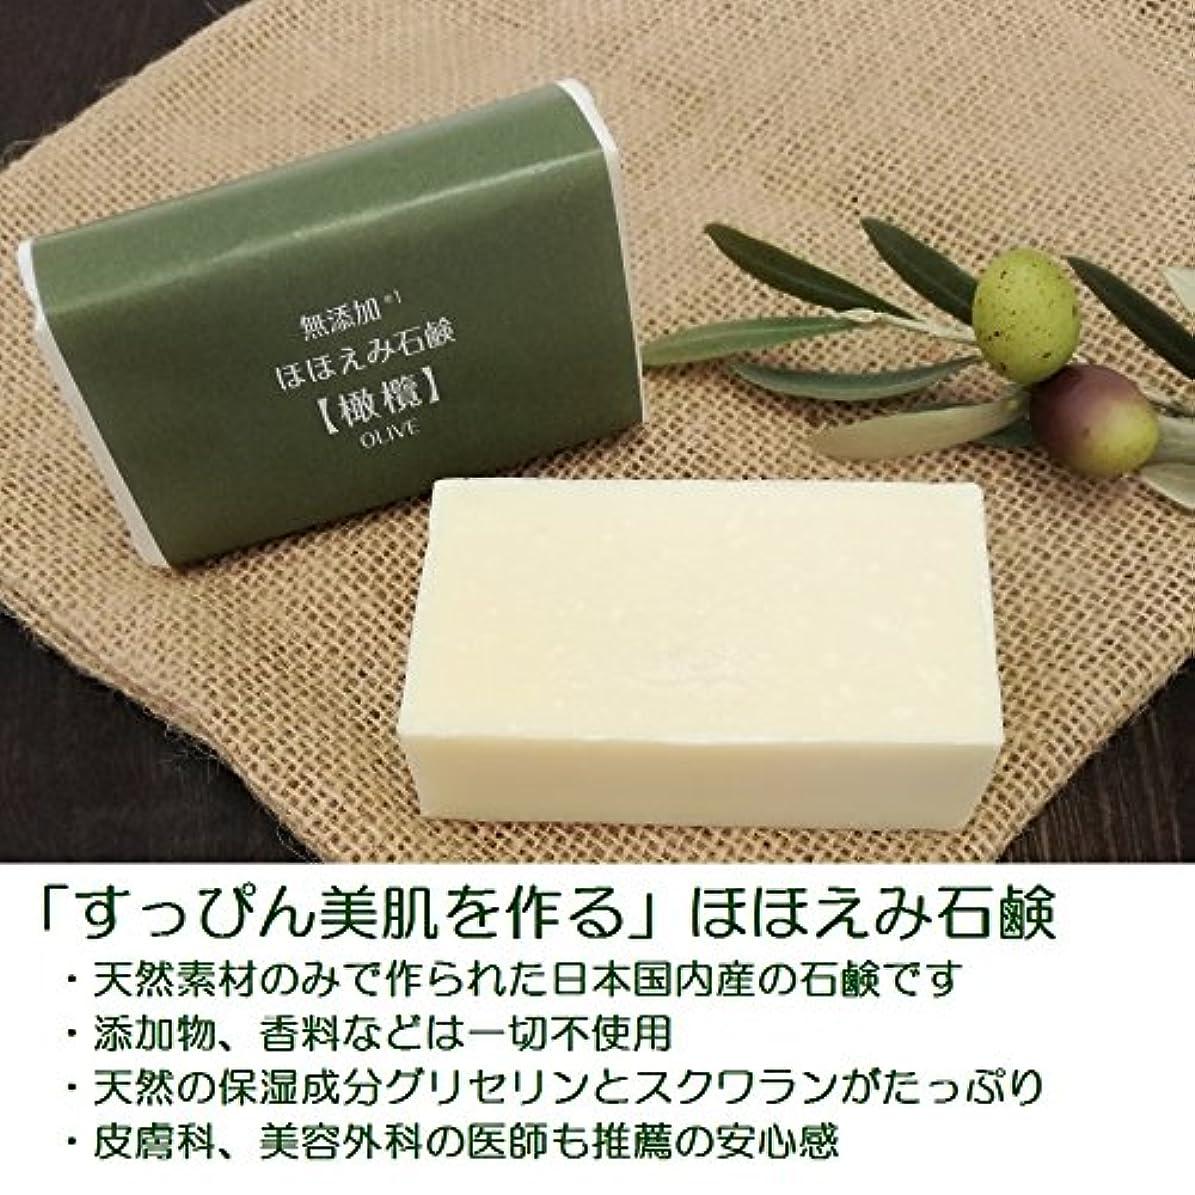 僕のシェル包囲すっぴん美肌を作る ほほえみ石鹸 オリーブ 無添加 オーガニック 日本製 80g